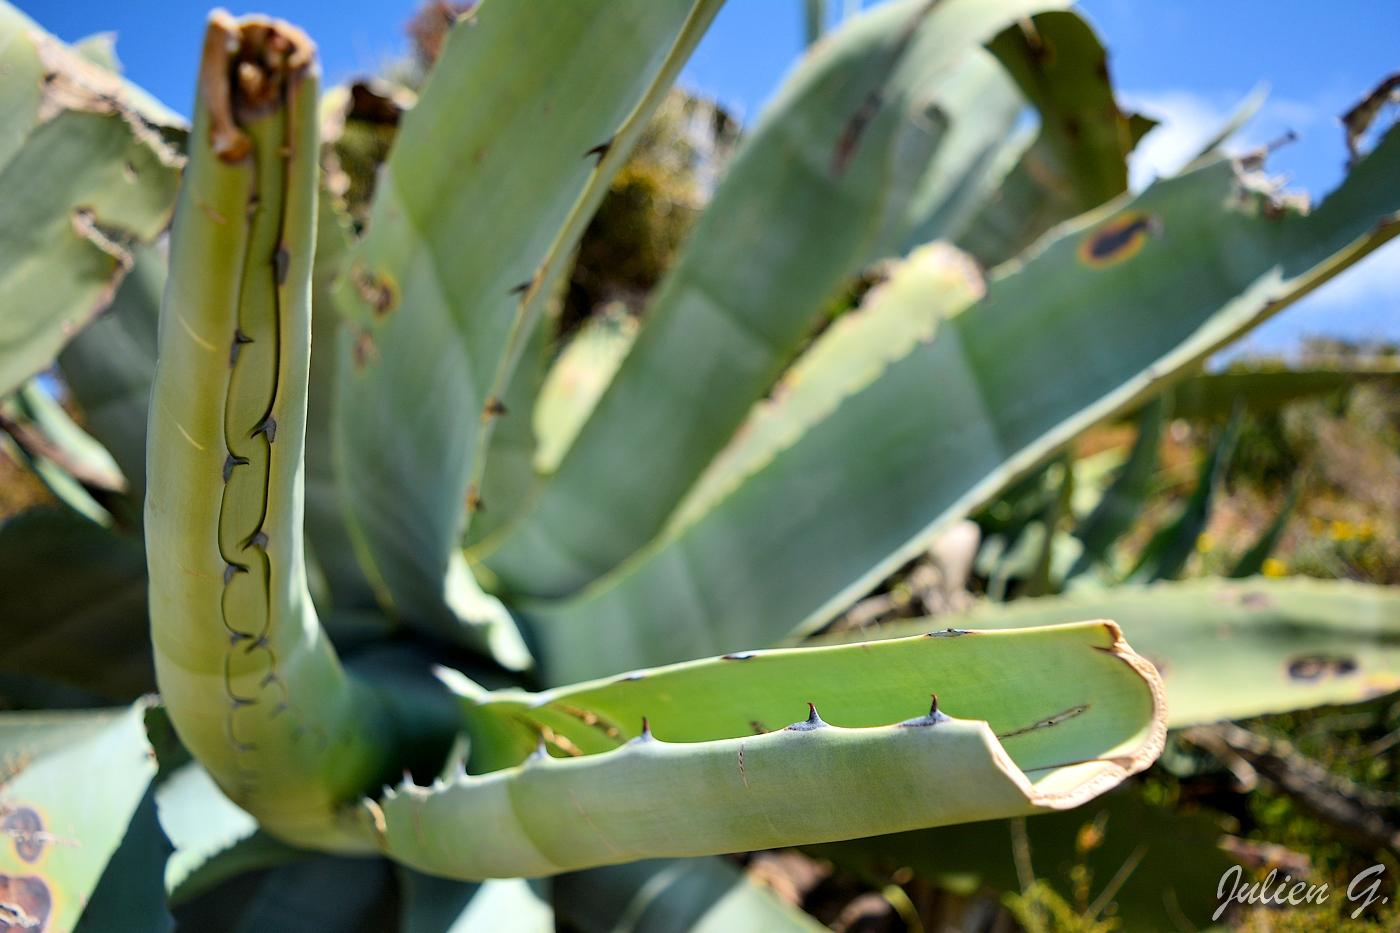 plante grasse portugal